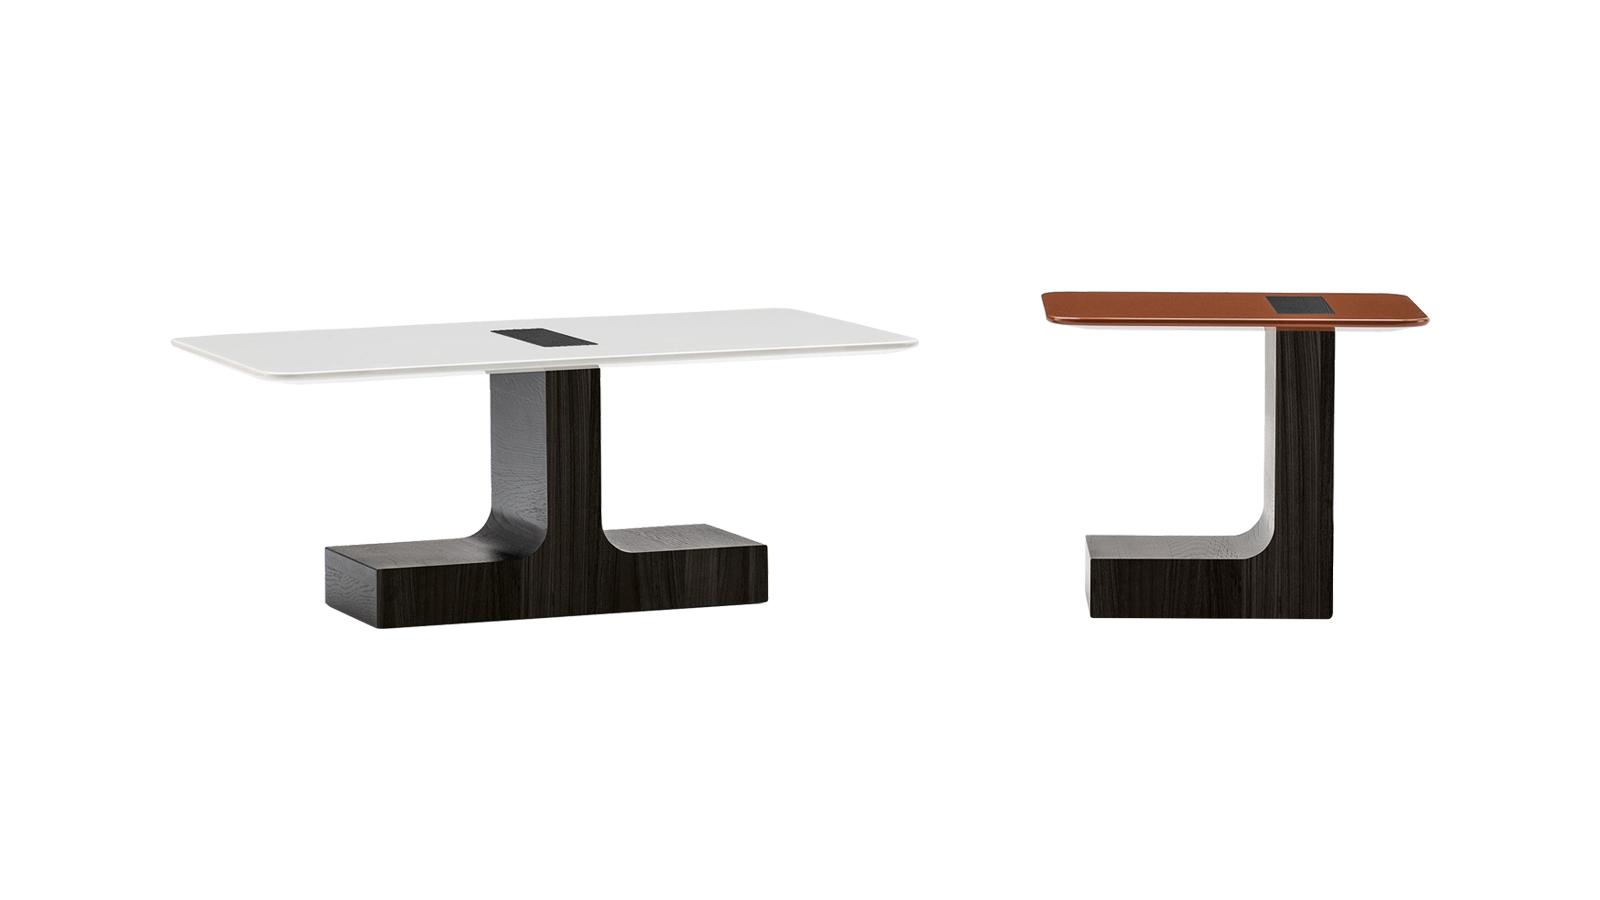 A Minotti Block asztala a kontrasztok szép játéka: robosztus, masszív, tömör fa lábazatát, mely L vagy T betűt formáz, a brutalista építészet ihlette, míg asztallapja leheletvékony, szinte észrevehetetlenül lebeg a térben. Rodolfo Dordoni alkotása egyértelműen szoborszerű, azonnal észreveteti magát, akárhová helyezzük – még akkor is, ha a két elérhető méret közül az alacsonyabbat választjuk. Lekerekített éleinek köszönhetően egyébként a Block a nehezen kihasználható sarkokban vagy szűk előterekben is jó szolgálatot tehet,mint sokoldalú lerakóasztal.